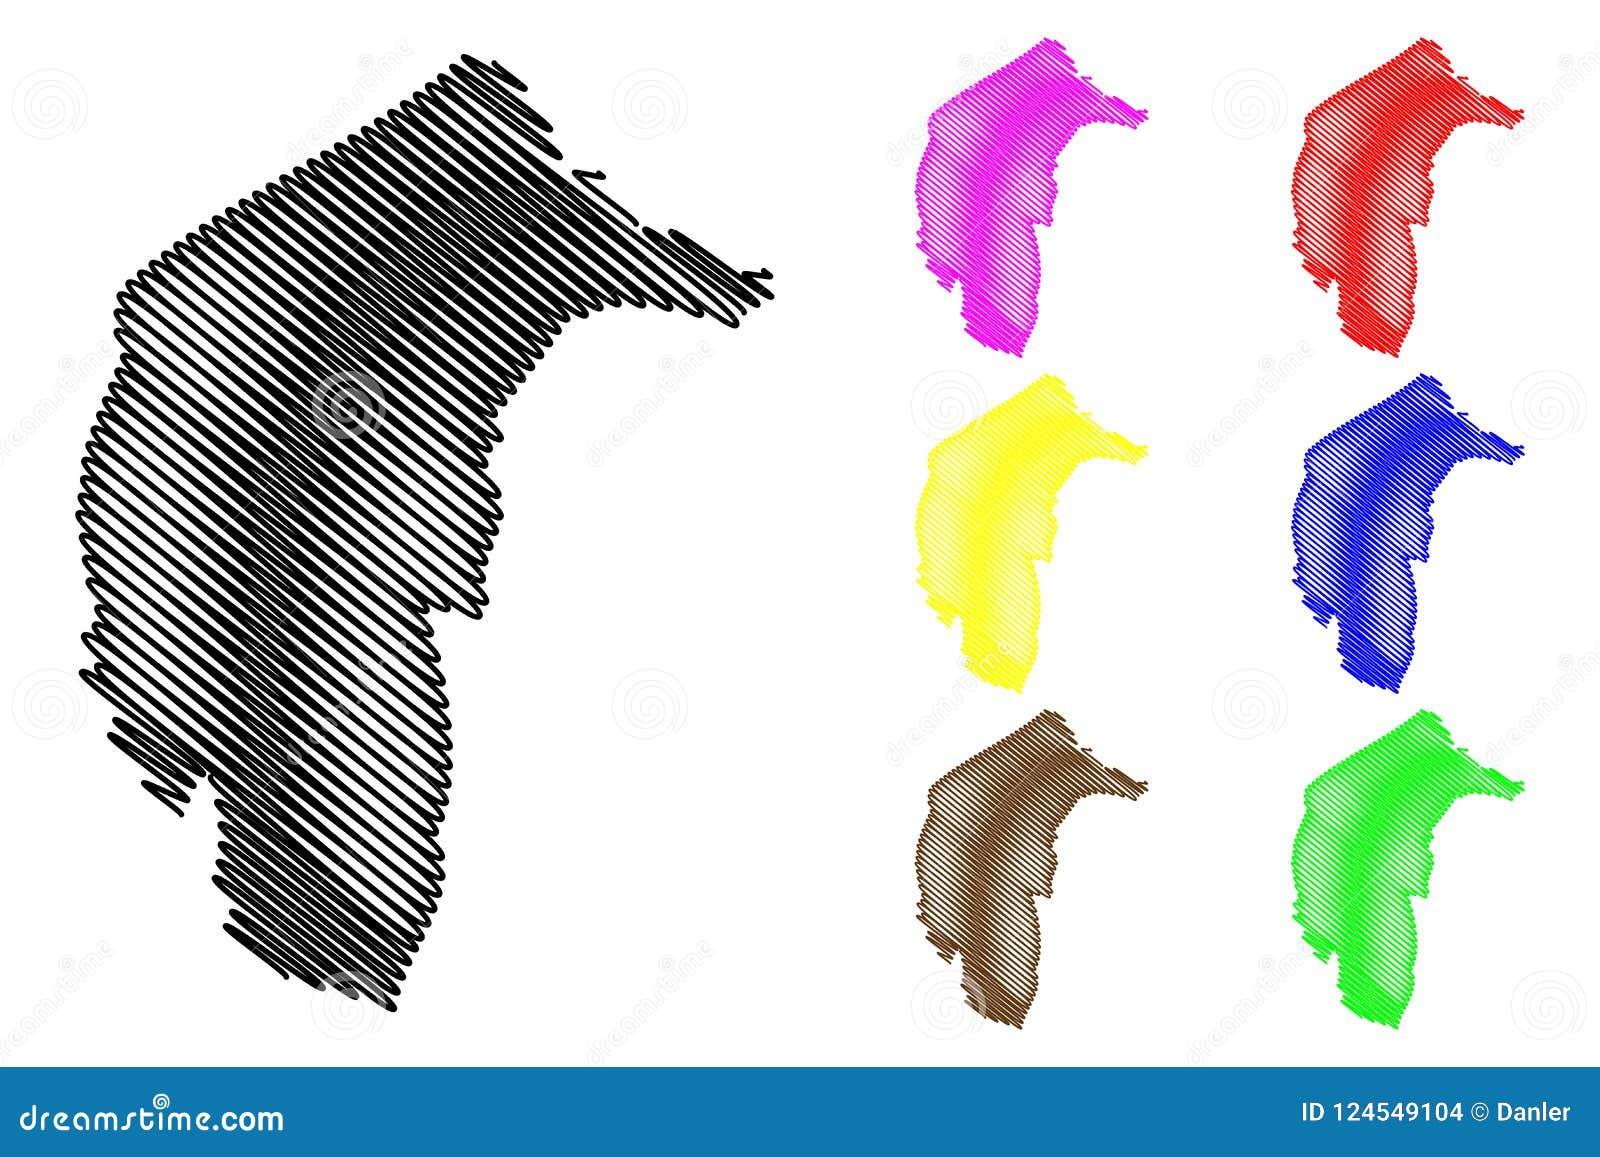 澳大利亚首都特区地图传染媒介